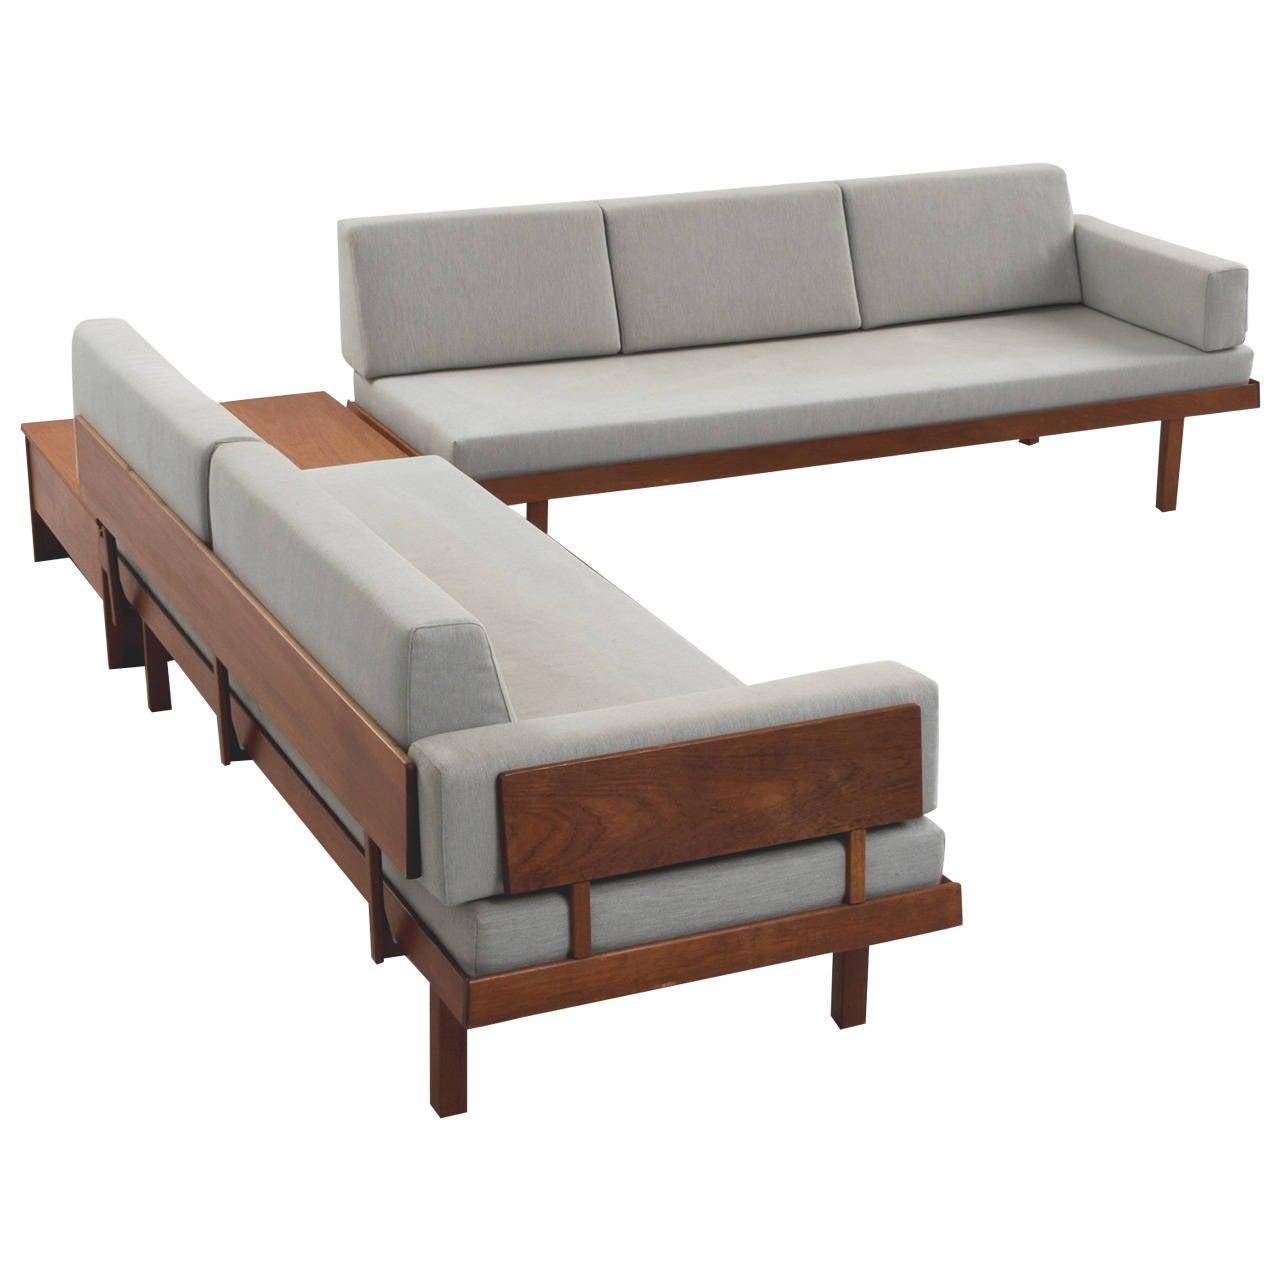 Well Designed Danish Living Room Set In Teak At 1stdibs